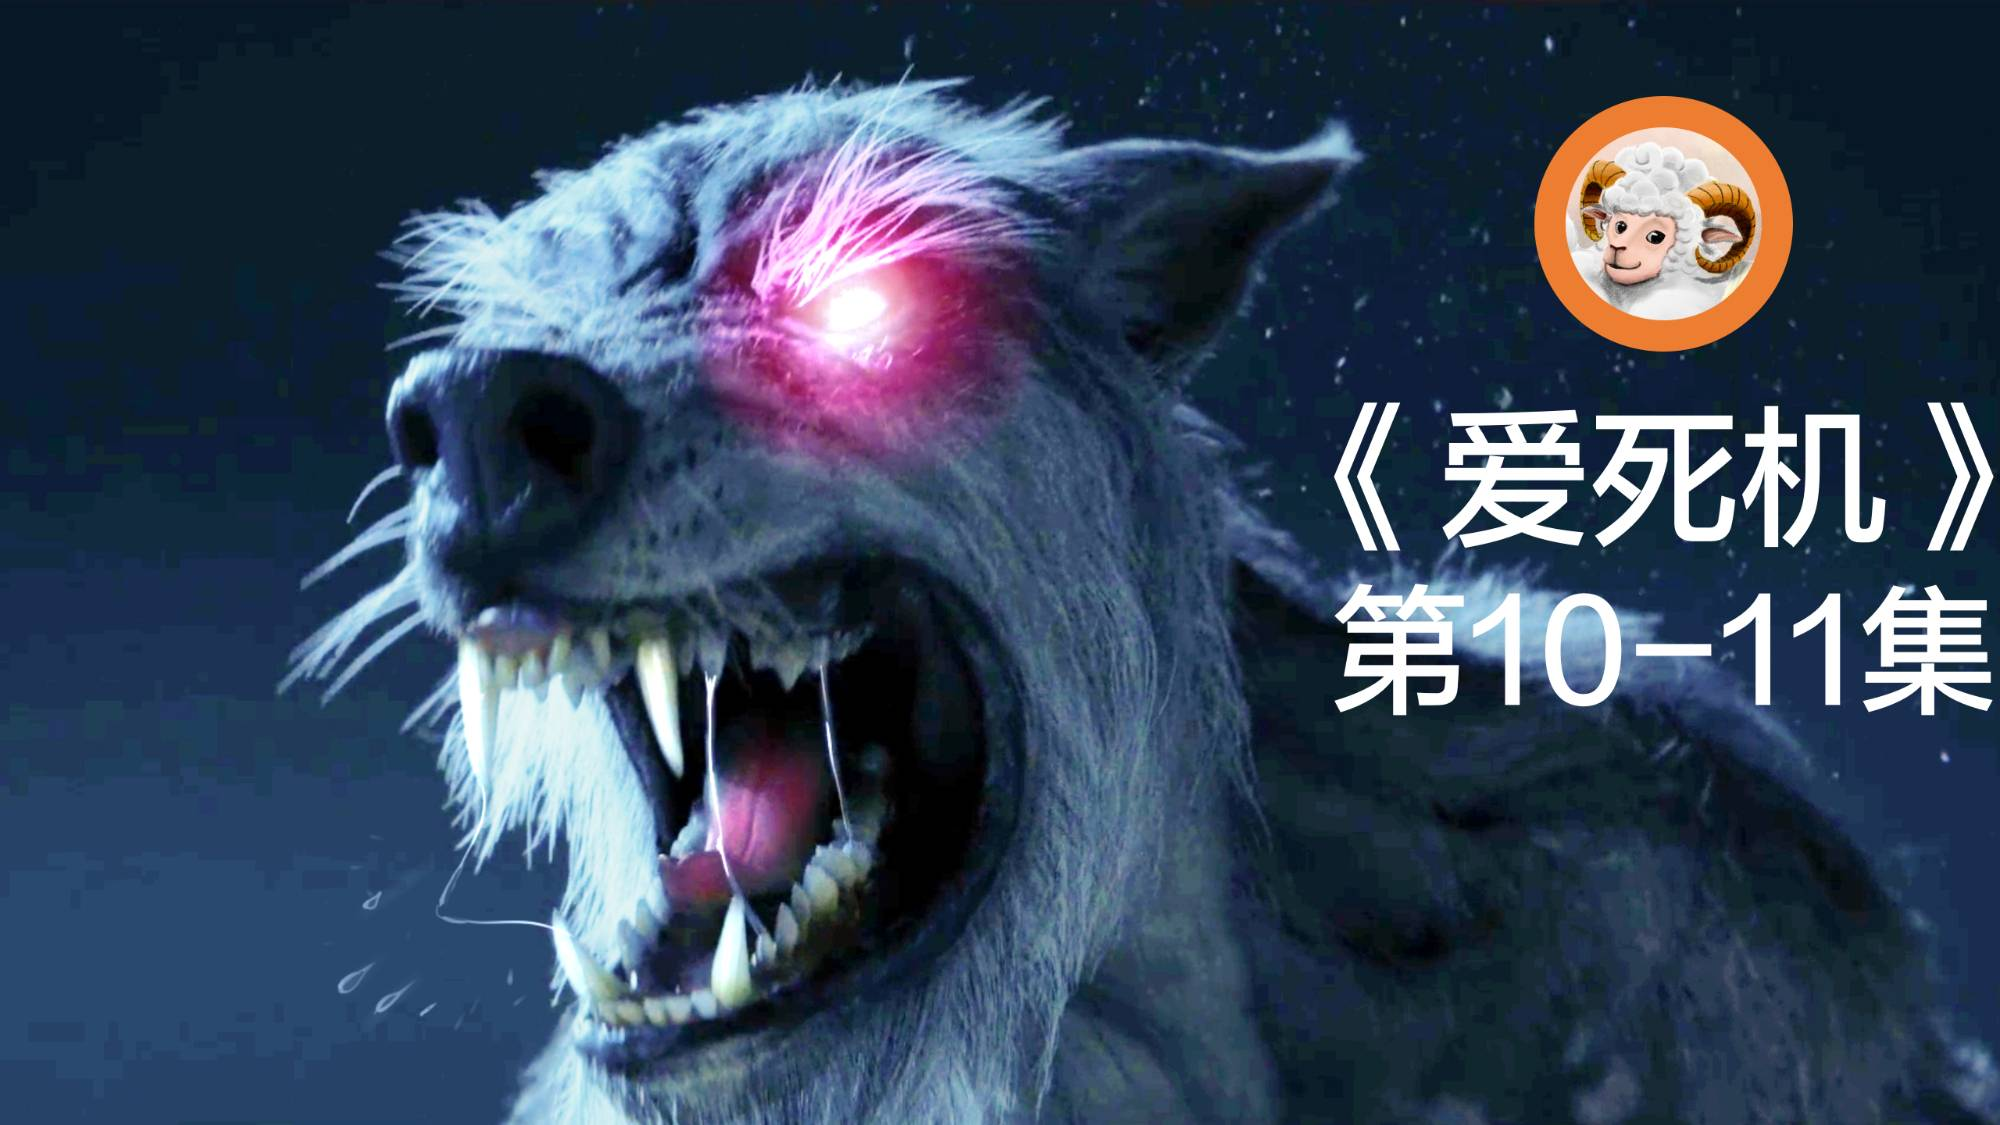 【好羊微电影】狼人大战塔利班,《爱,死亡和机器人》10-11集